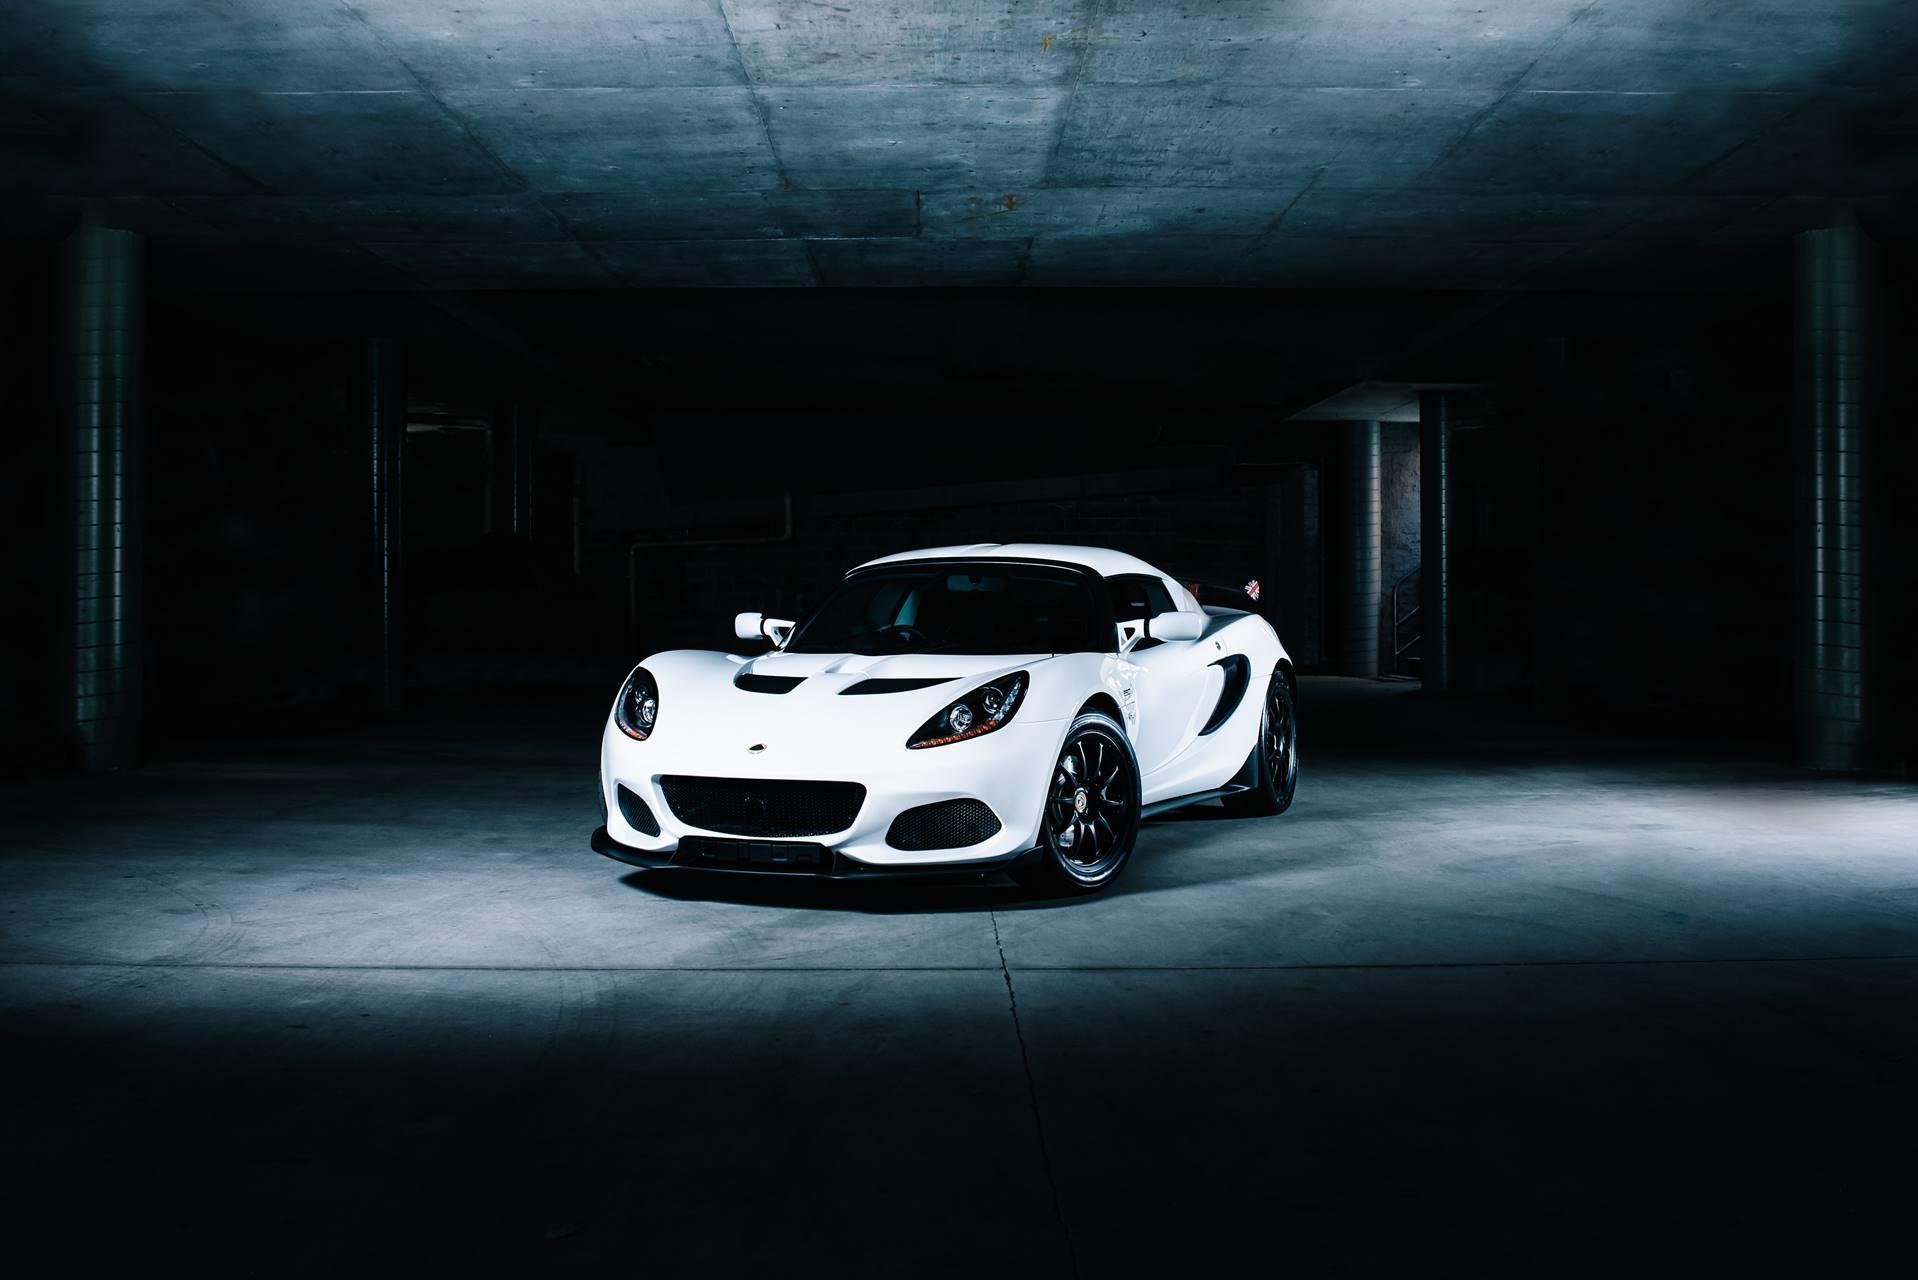 2020 Lotus Elise Cup 250 Bathurst Edition